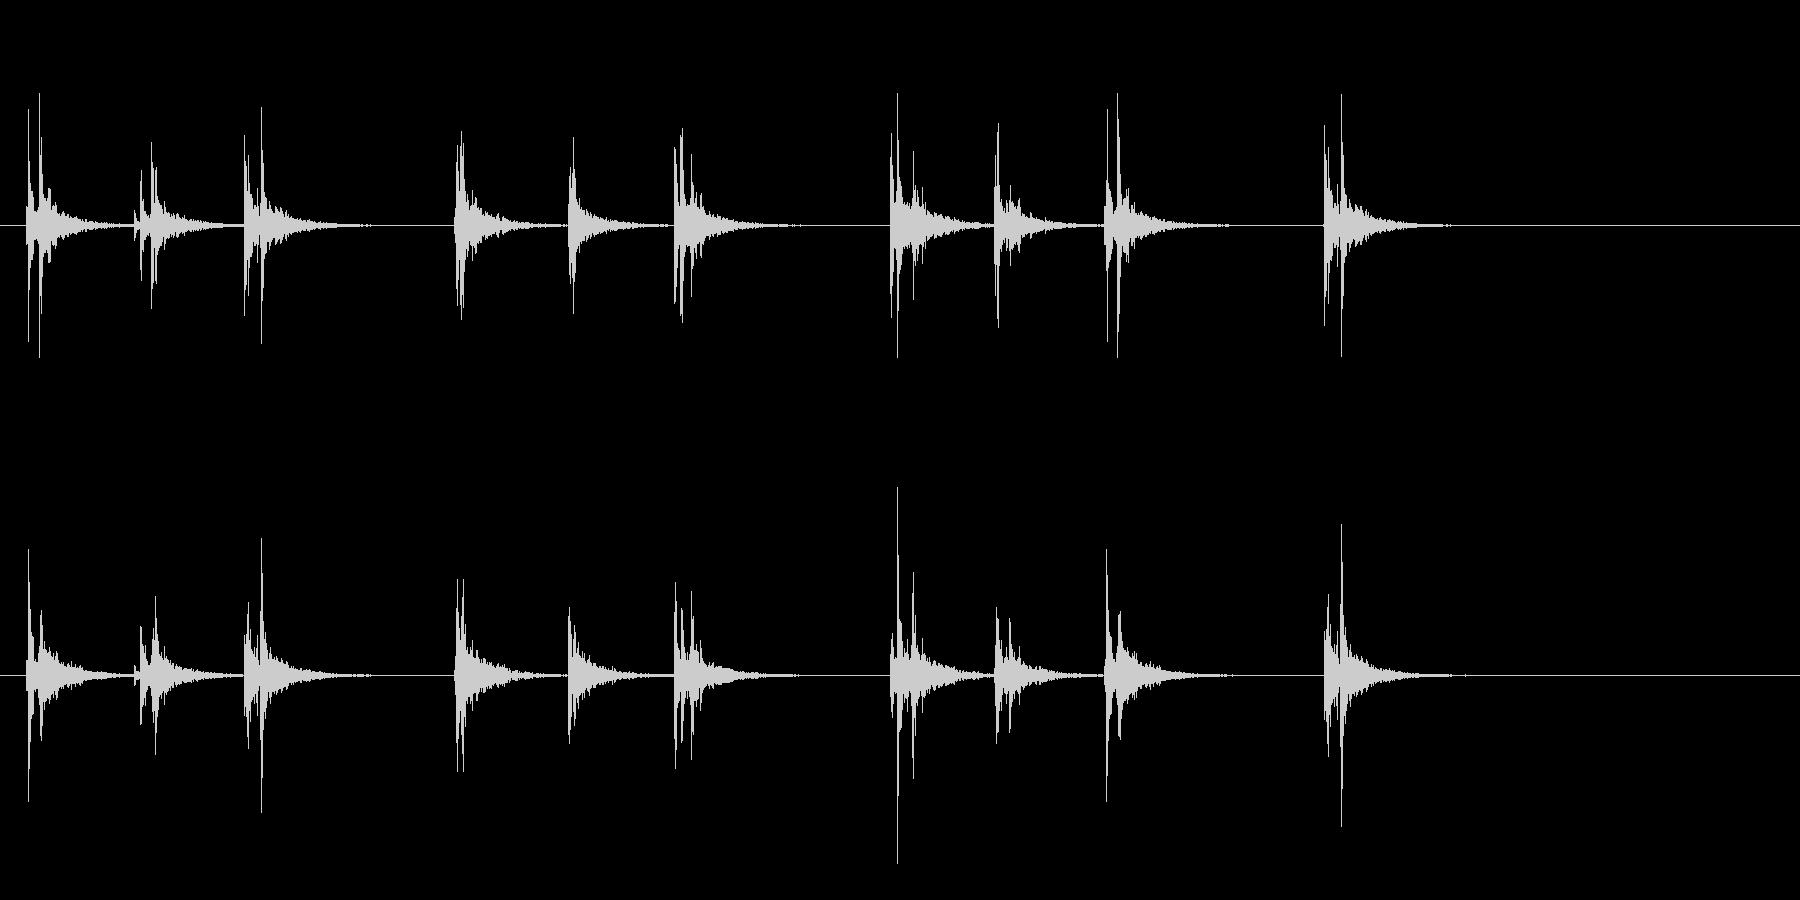 軽快なスティック同士を叩くフレーズ音の未再生の波形